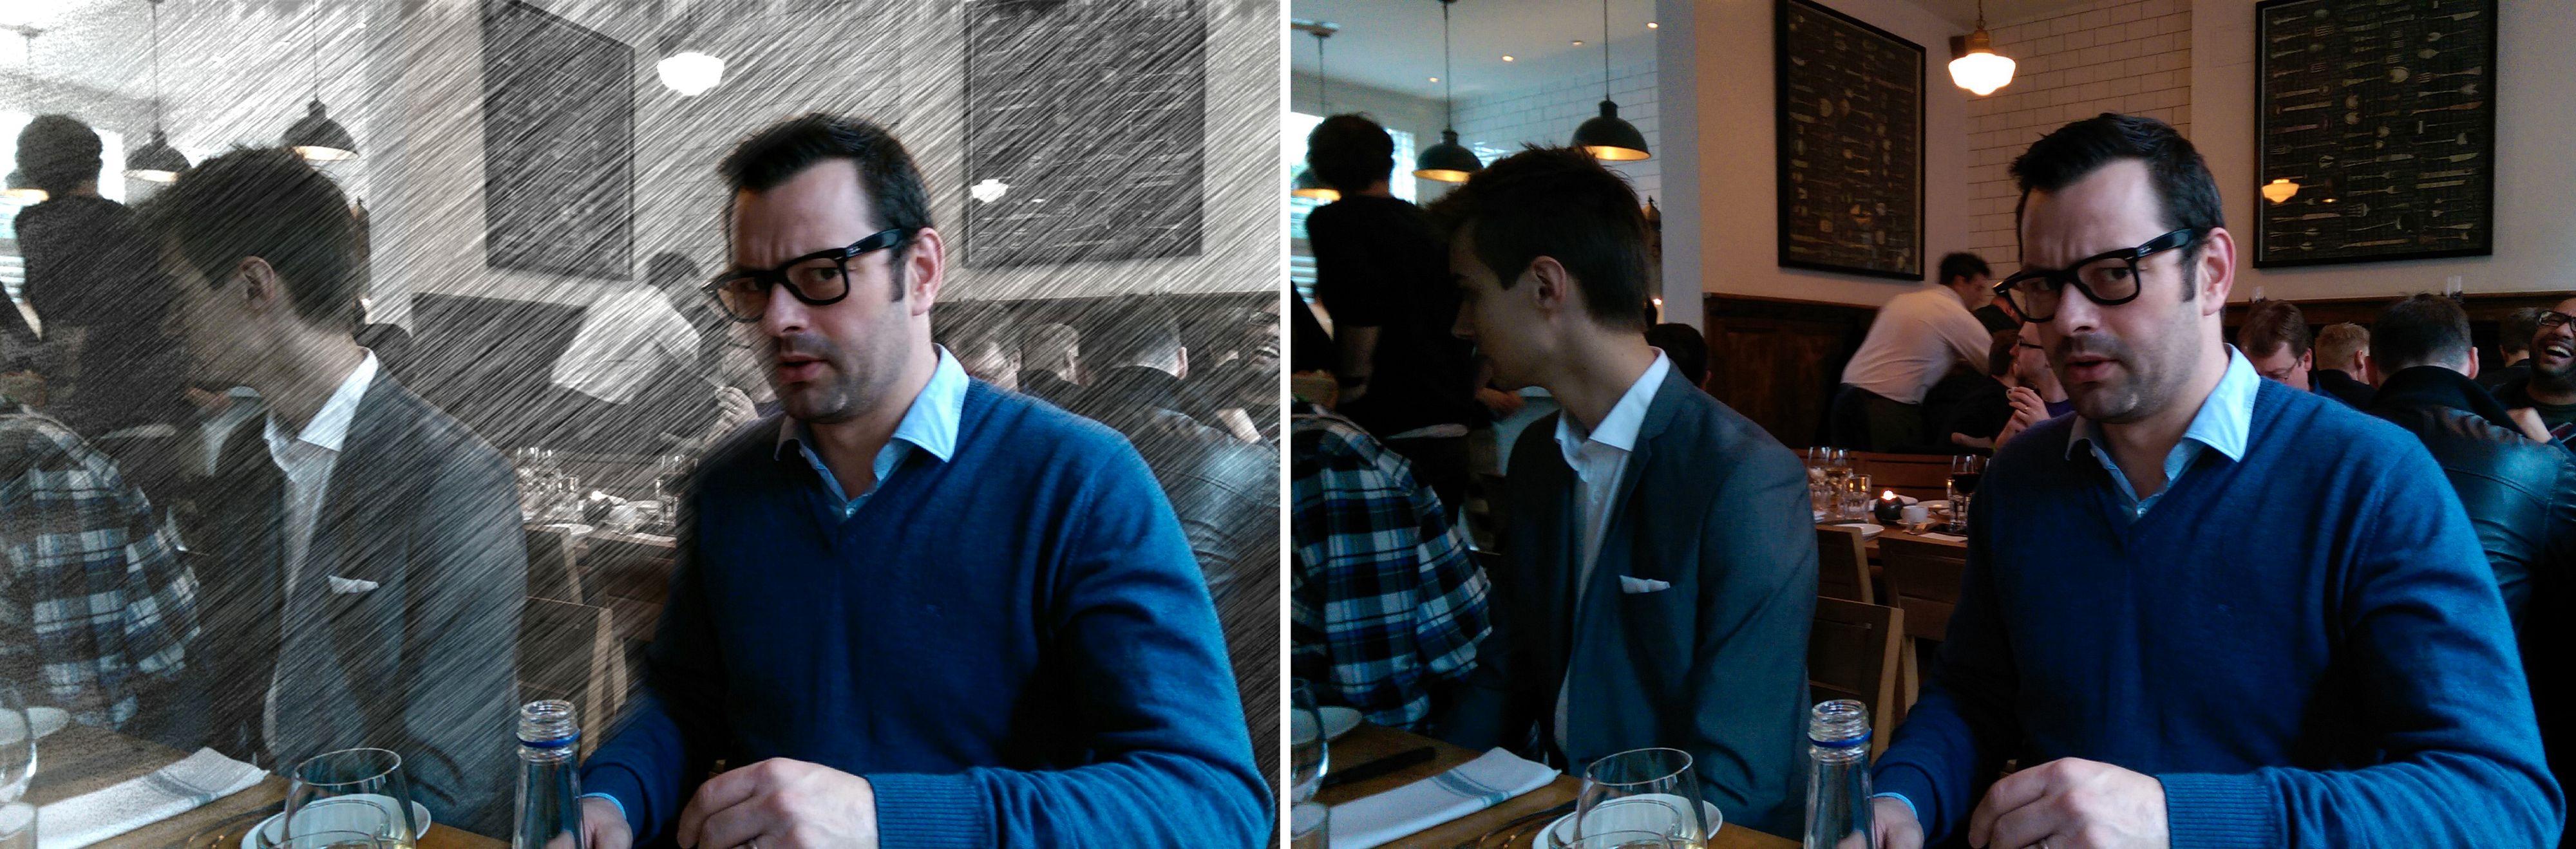 Slik kan du sette fokus på en person, og gjøre endringer i resten av bildet. Originalen til høyre .Foto: Espen Irwing Swang, Amobil.no